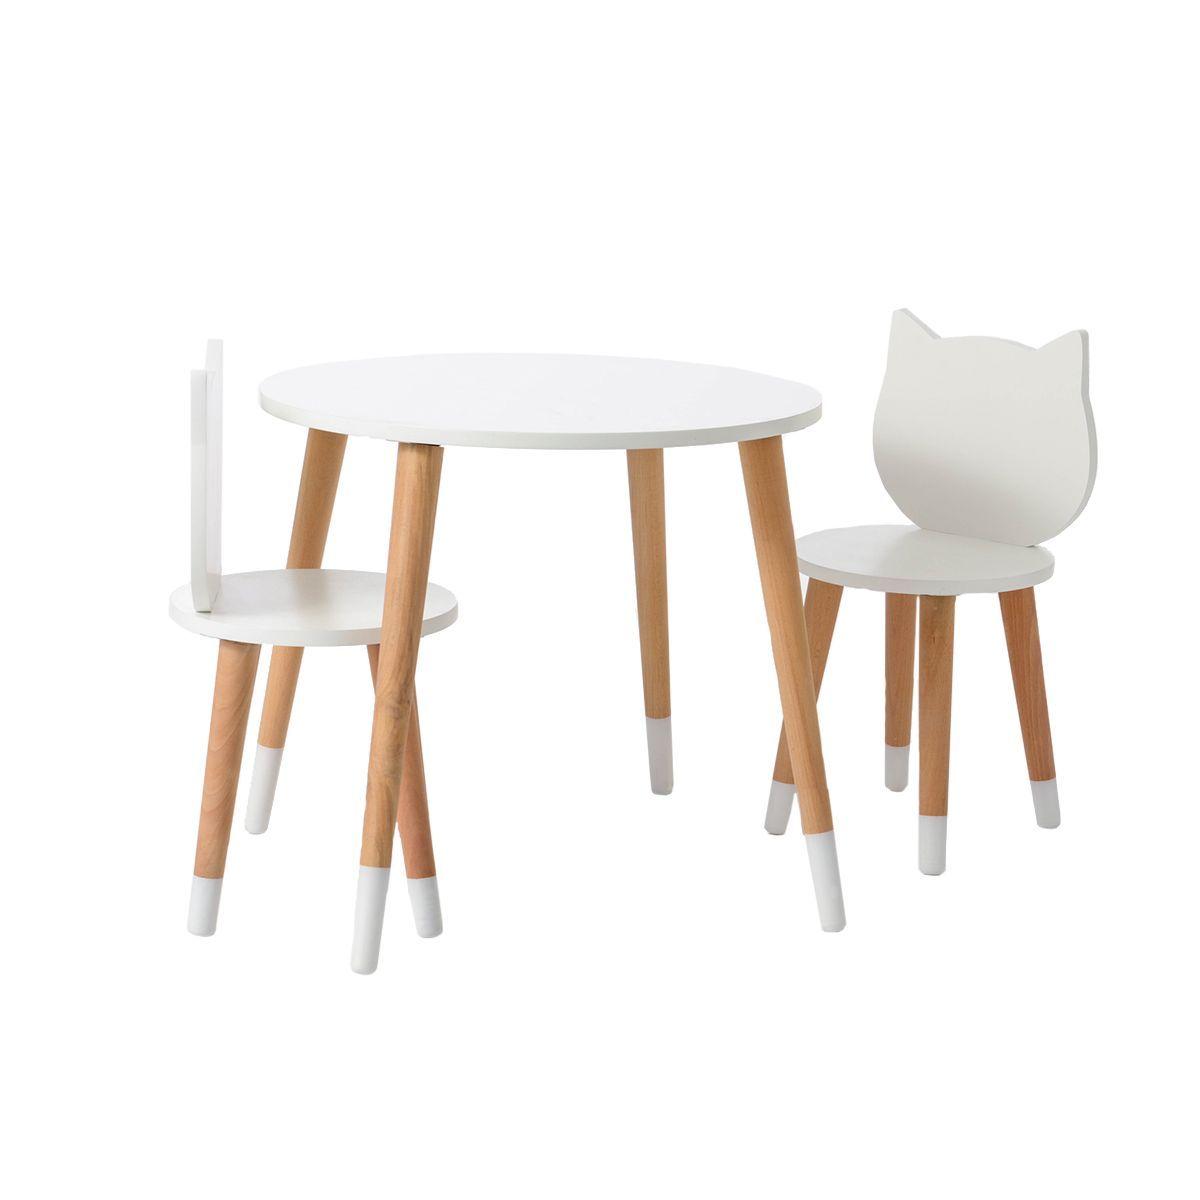 Table Enfant Thomas Table Et Chaise Enfant Chaise Enfant Table Et Chaise Bebe